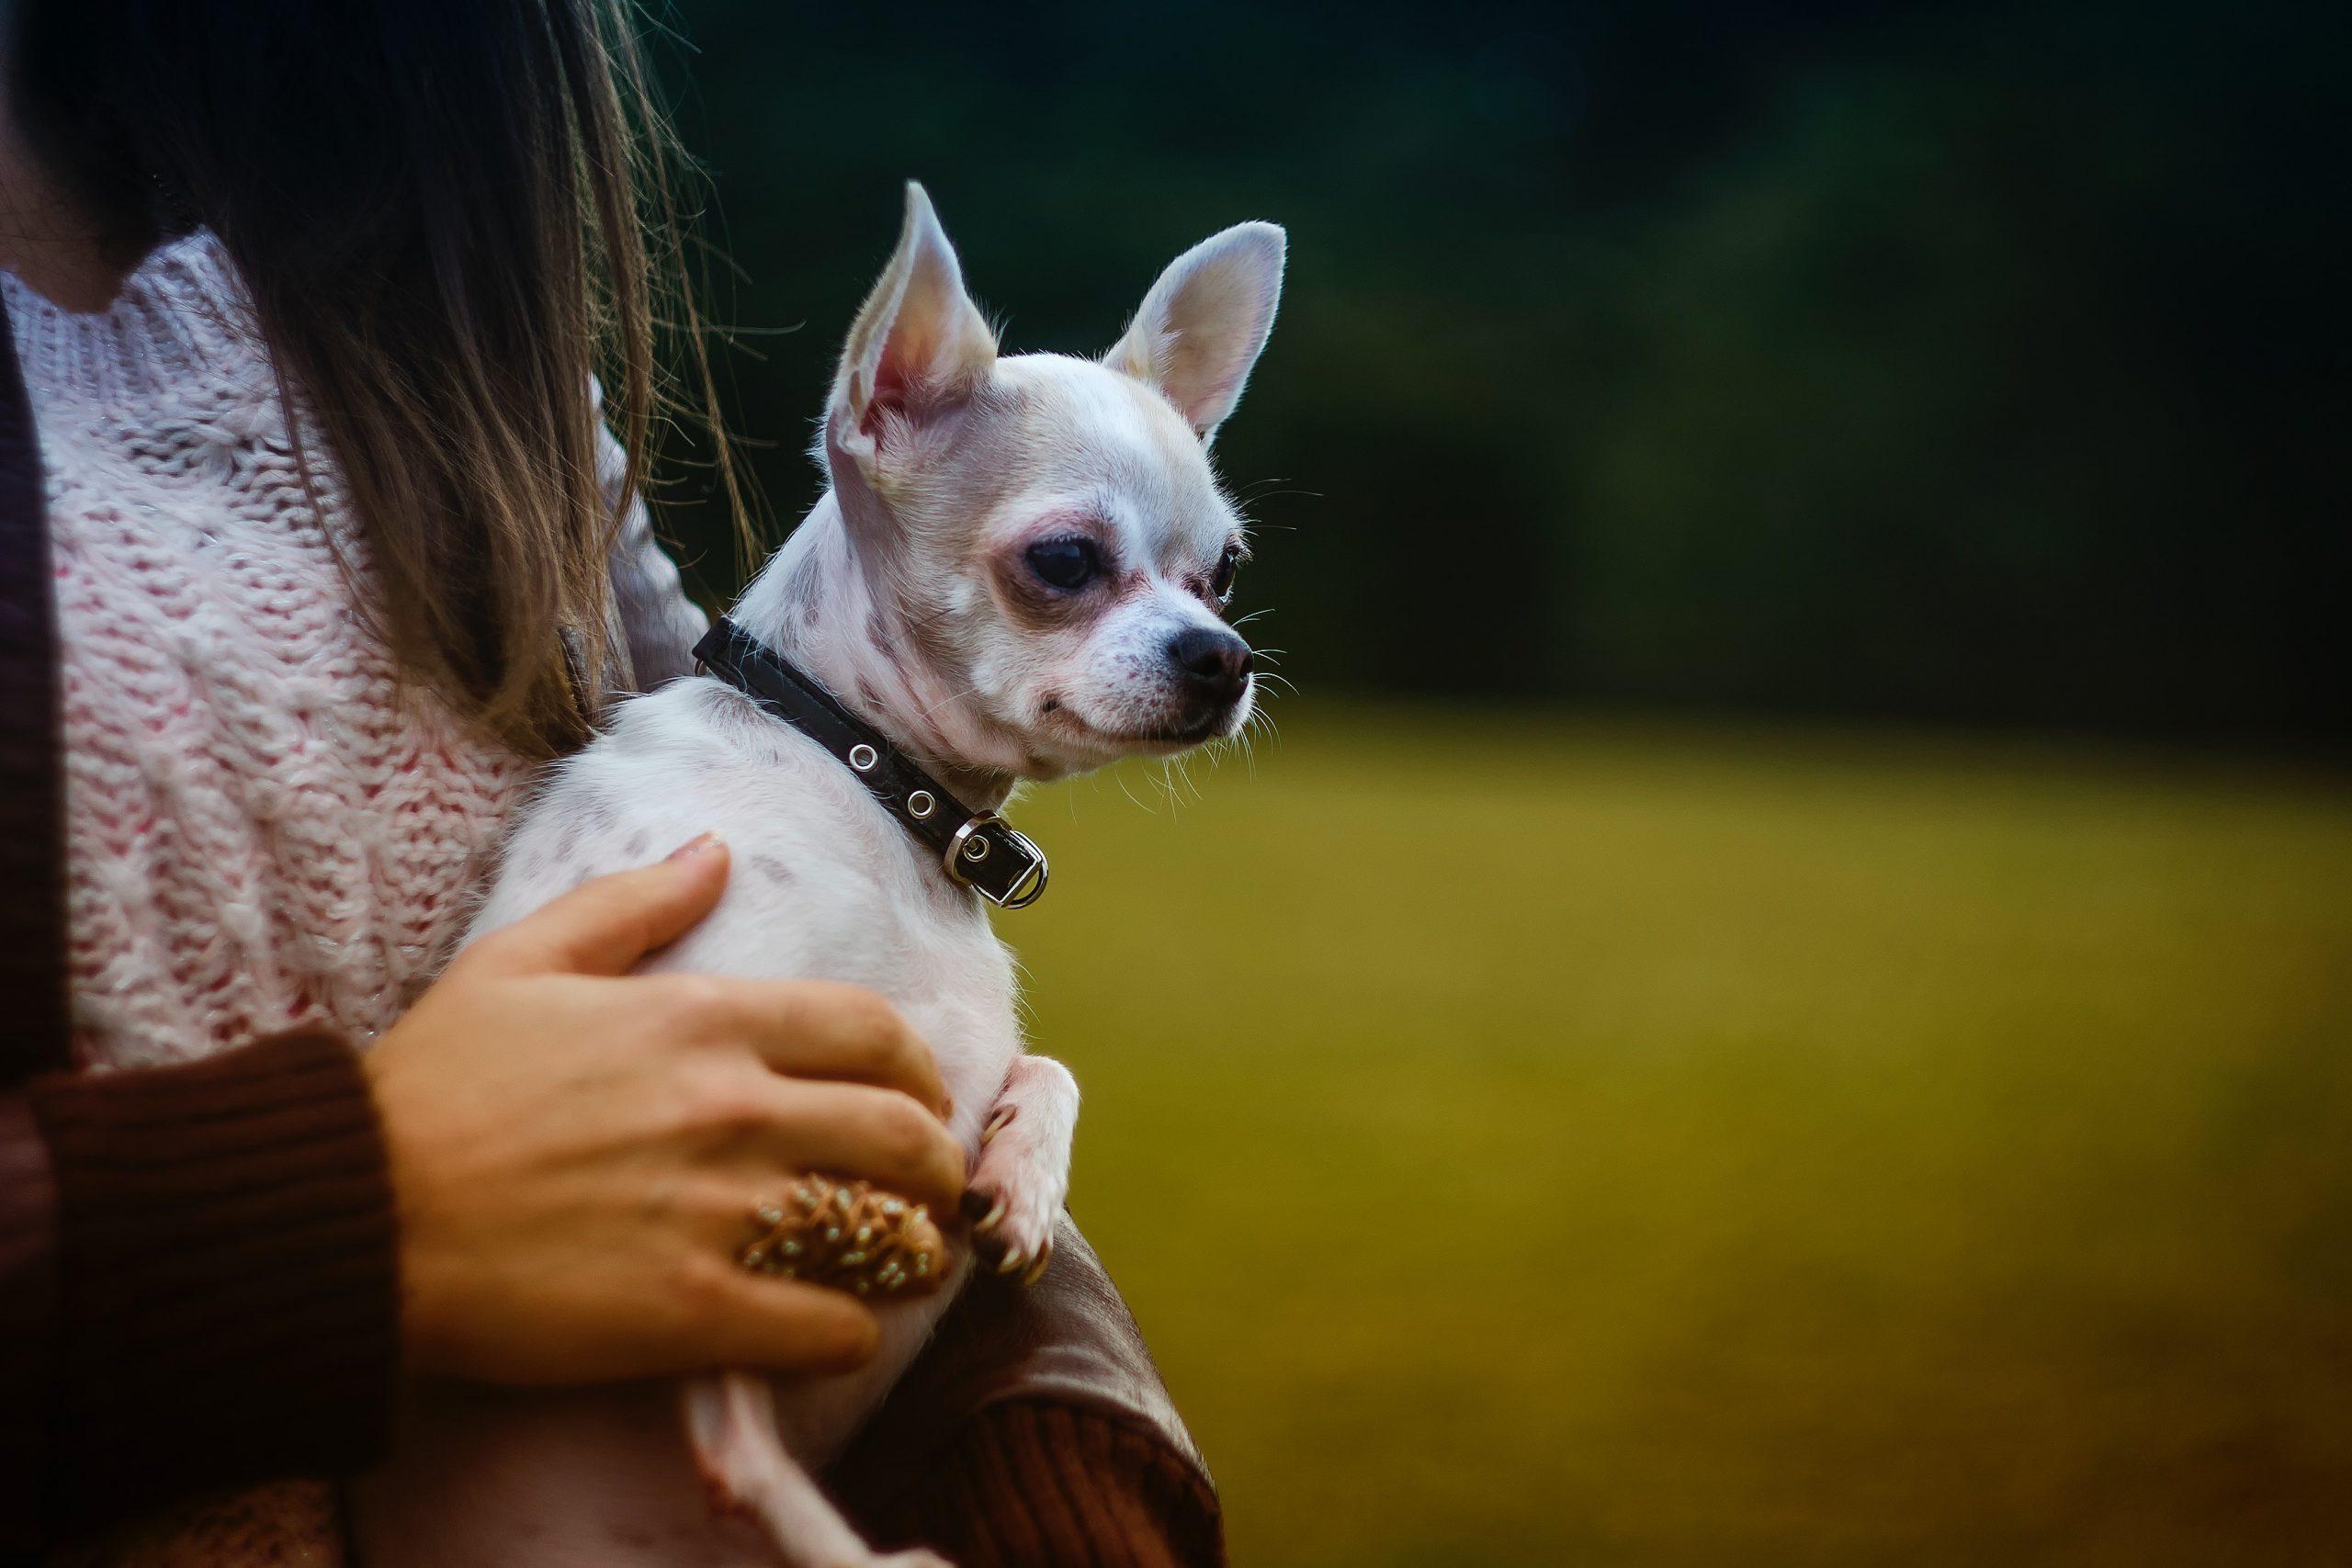 El chihuahua que estuvo desaparecido y al encontrarlo, un vecino lo envenenó por venganza. imagen